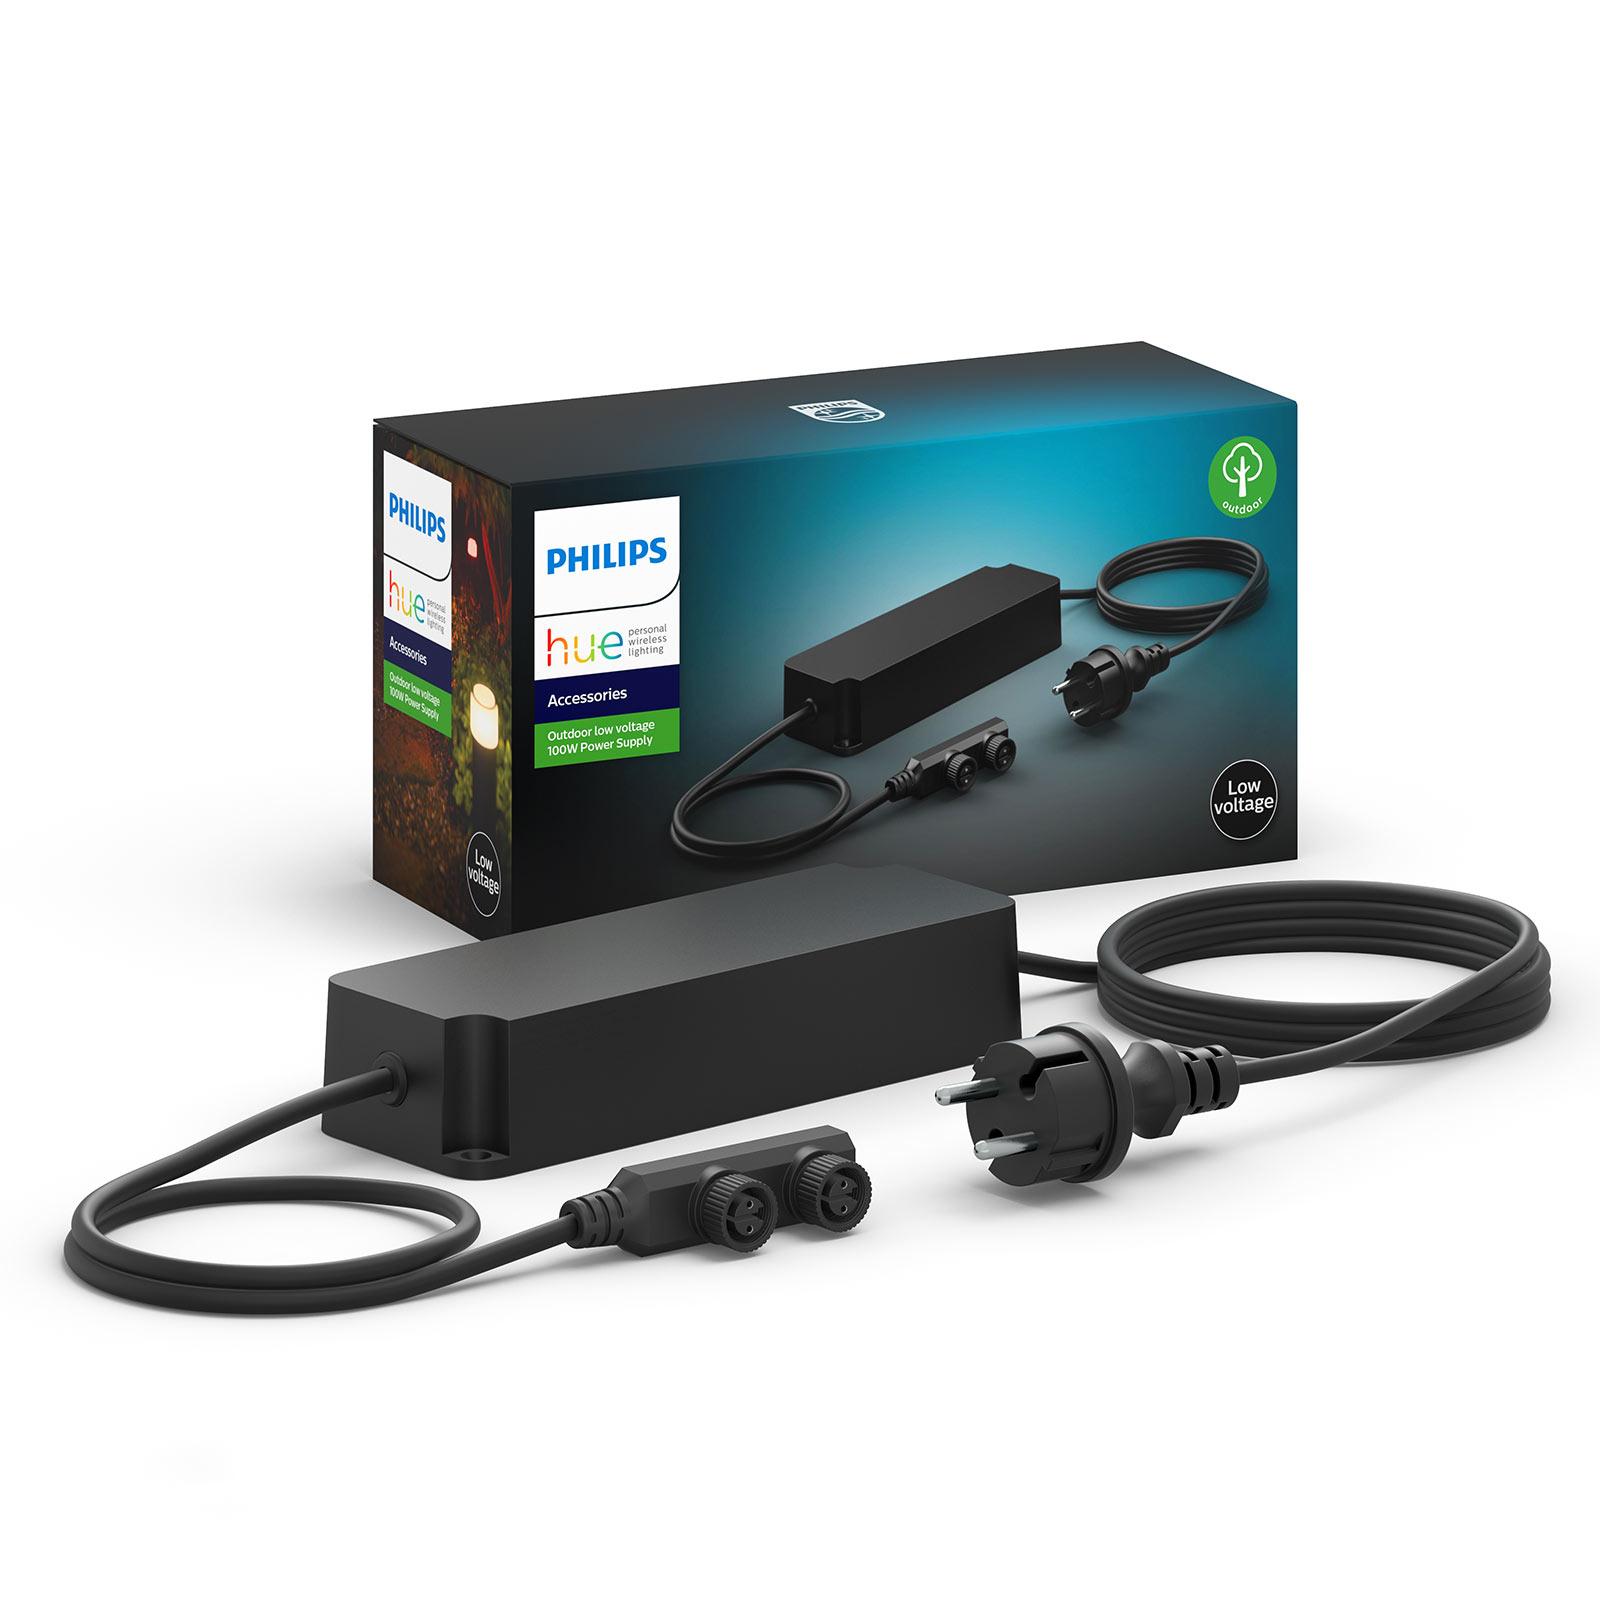 Philips Hue Outdoor-strømf., 2 udgange, 24V, 100W